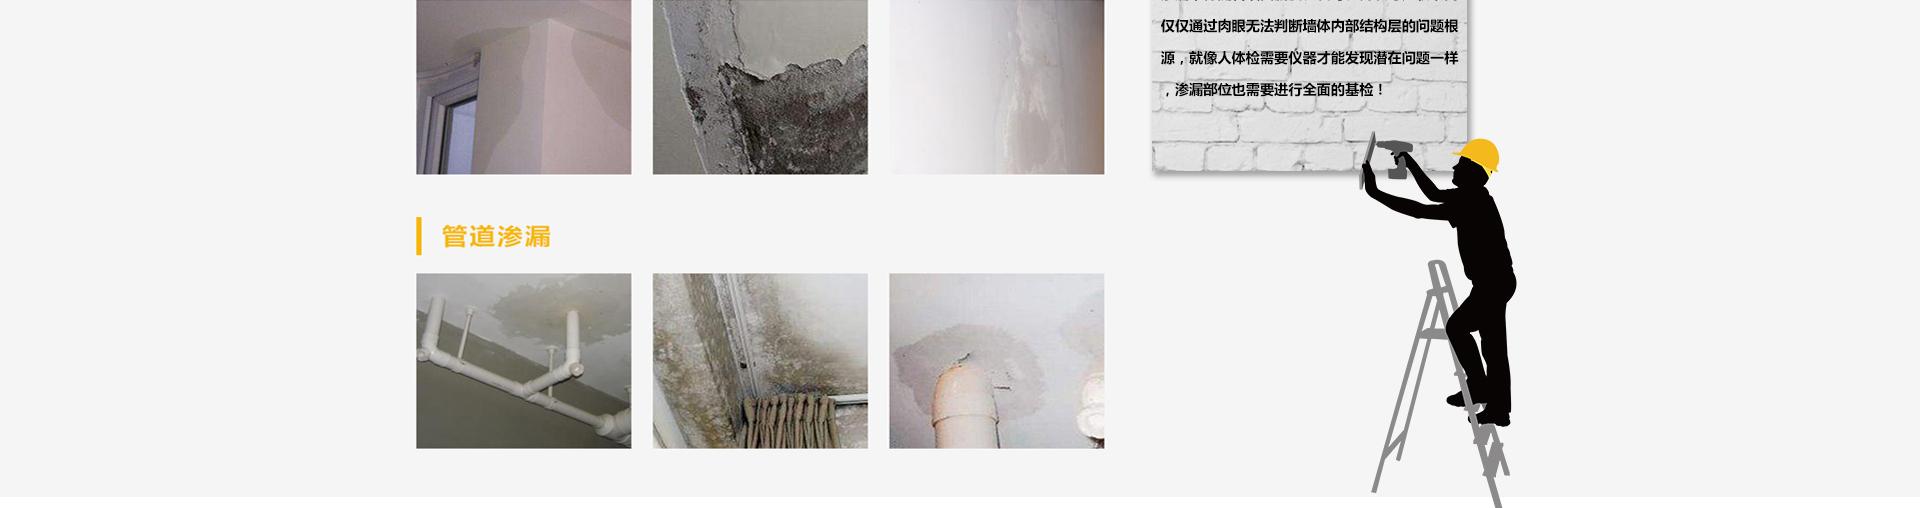 墙面渗透  管道疏通